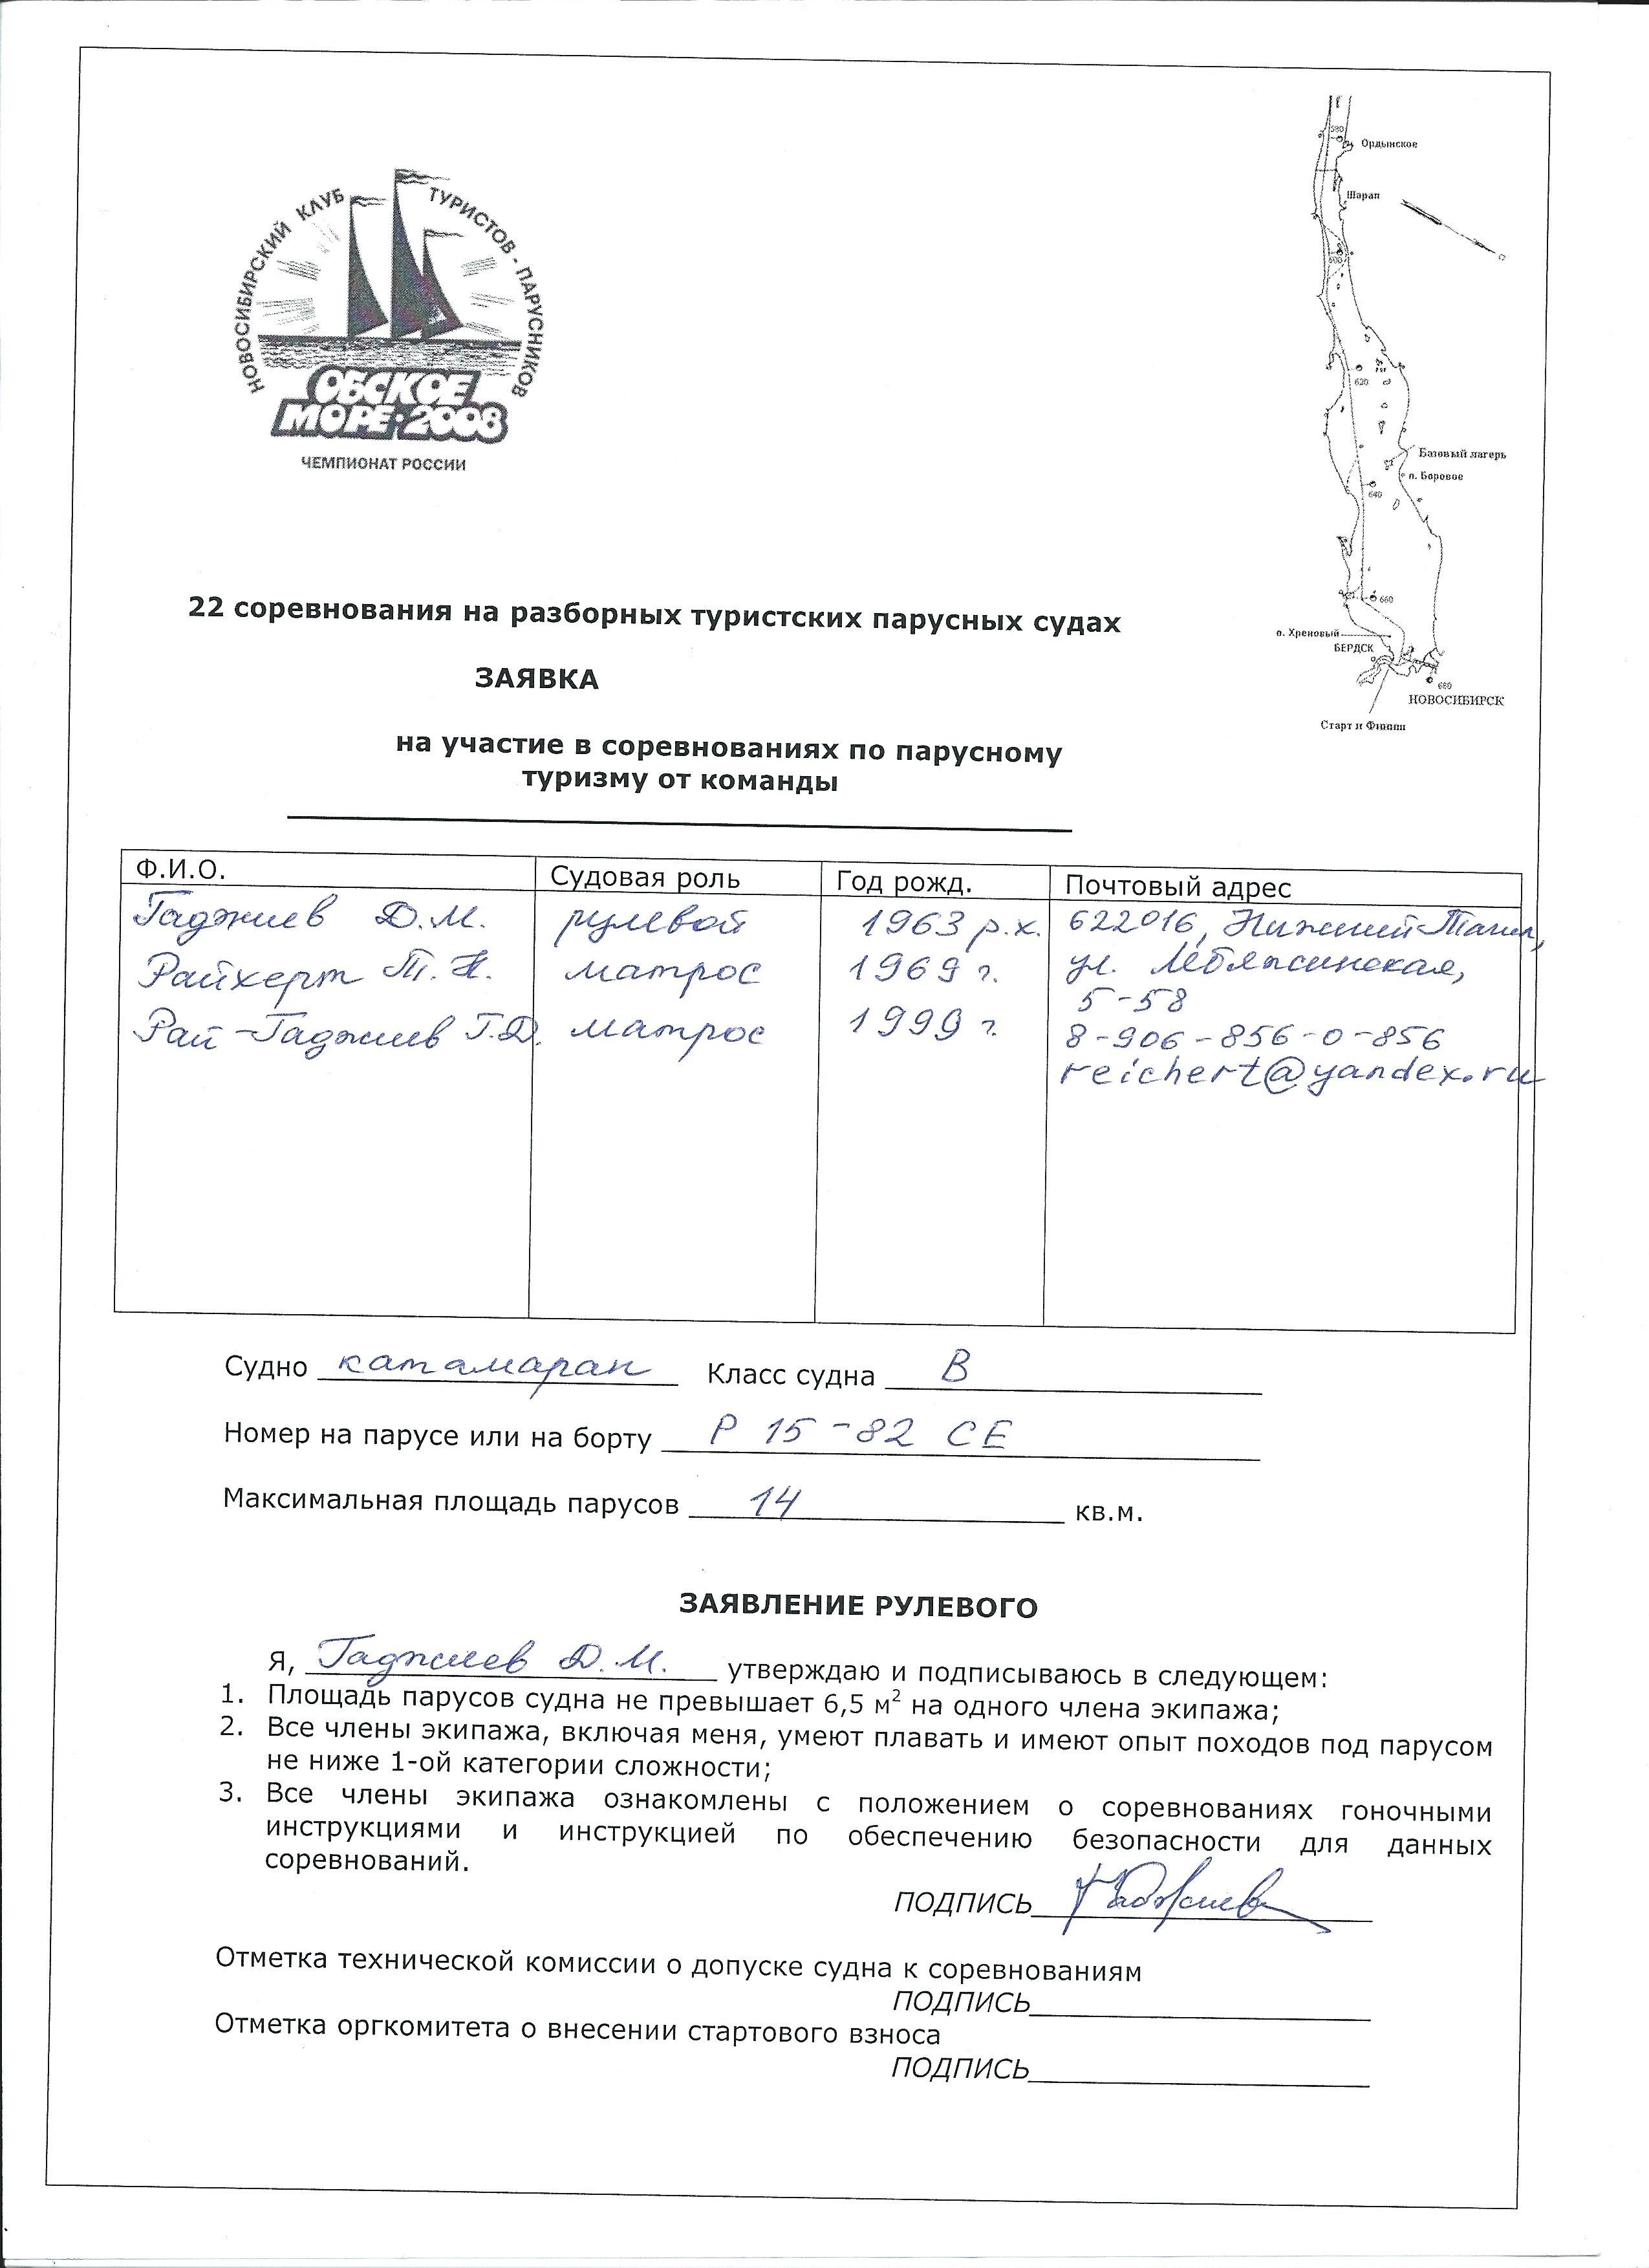 Гаджиев Д.М.